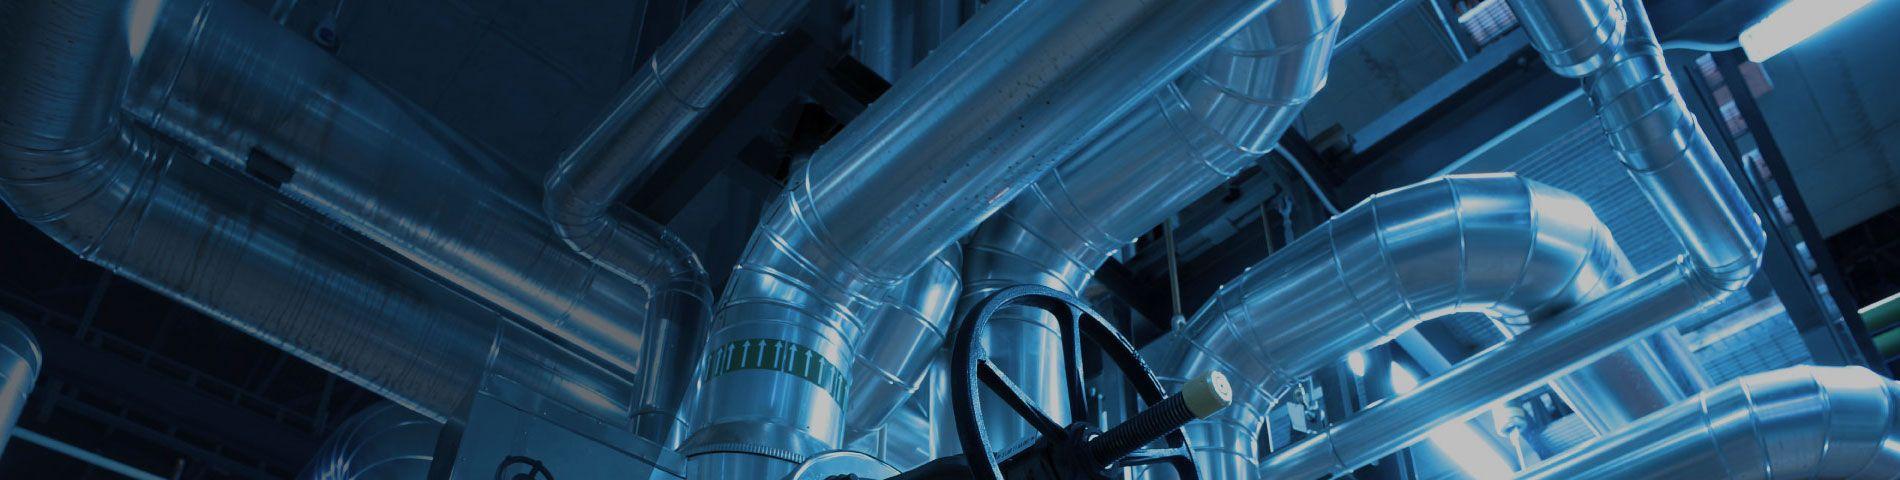 净化水处理赋予新价值 废水处理厂